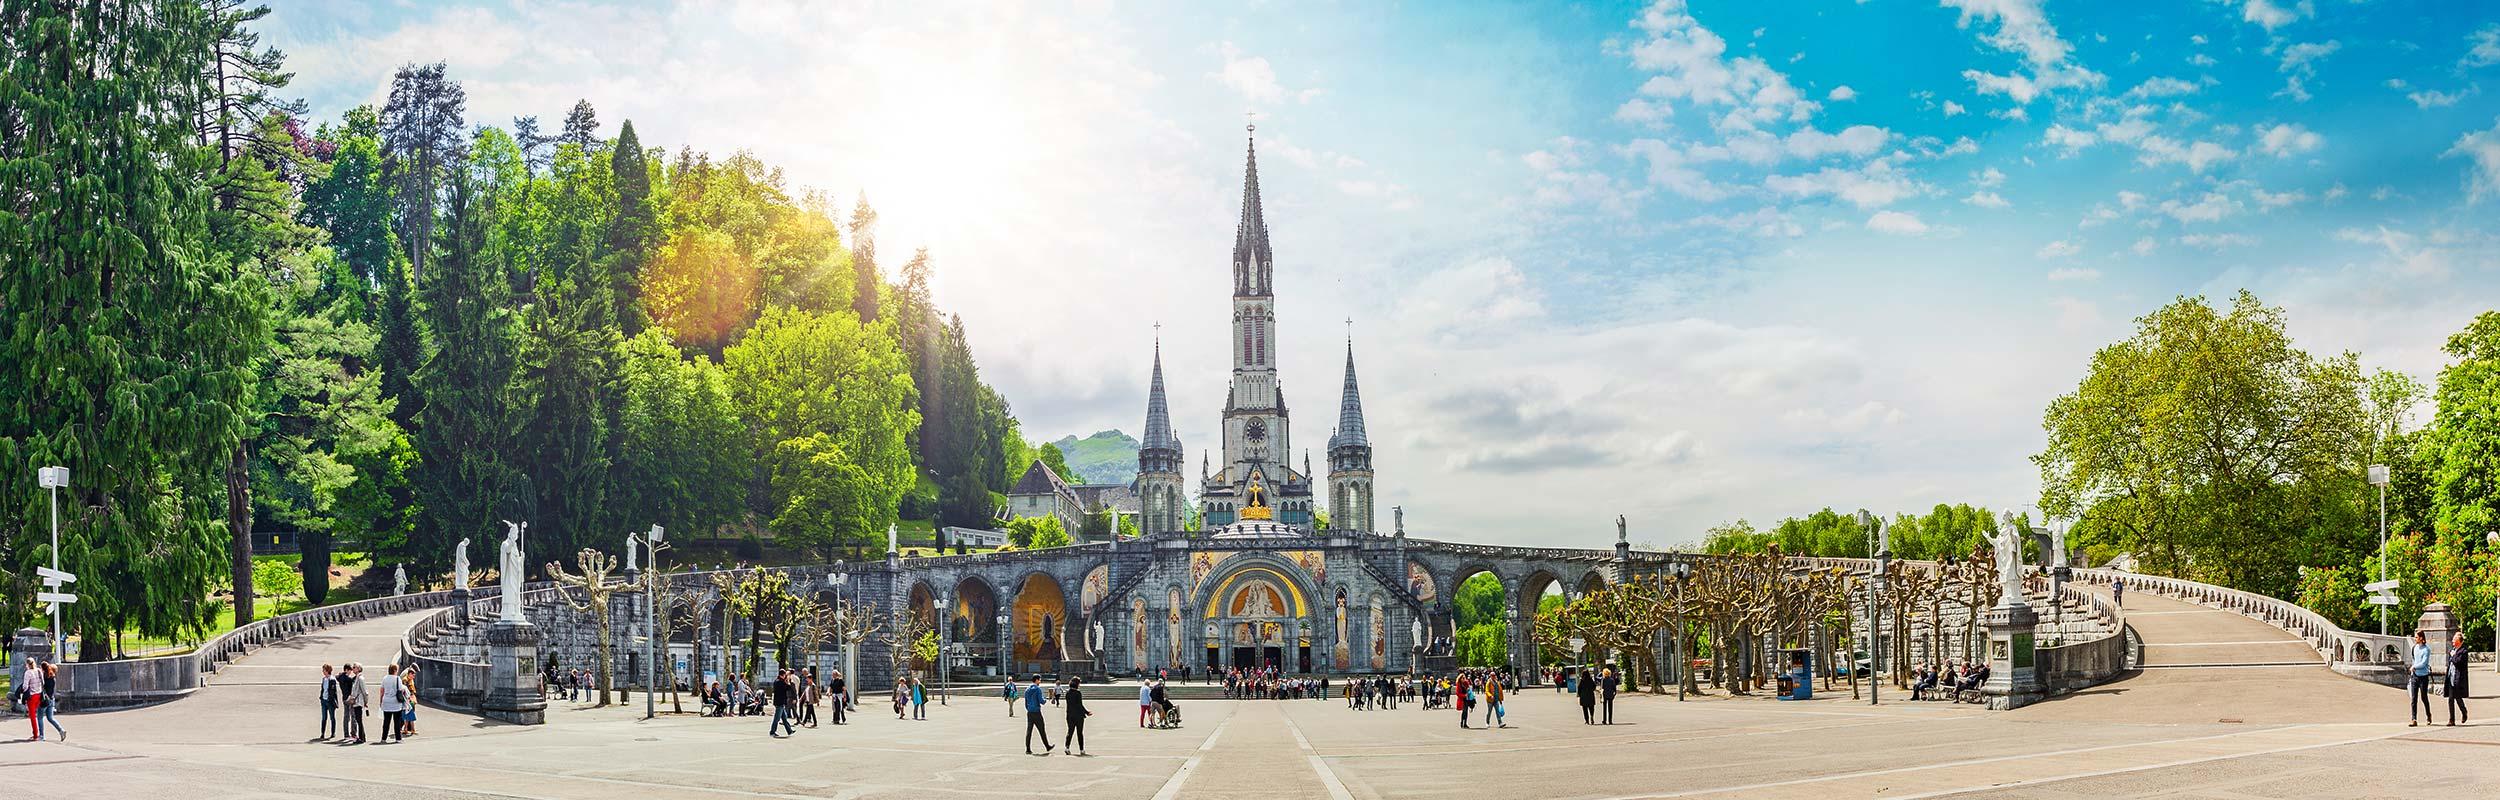 Wallfahrtskirche Lourdes